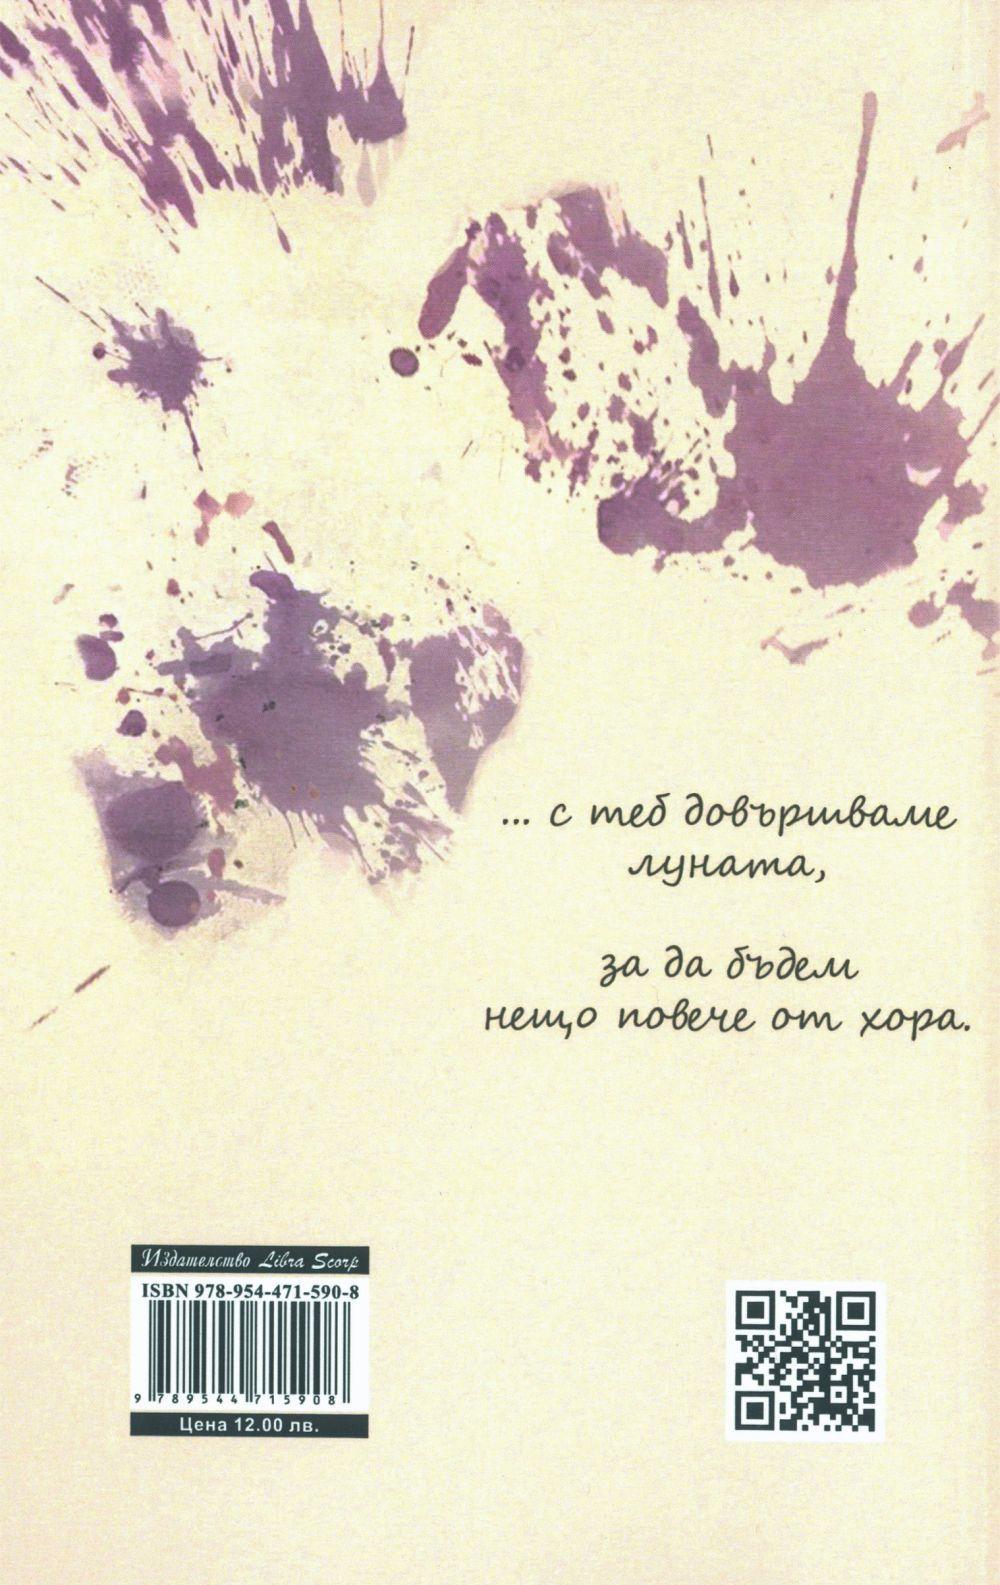 Вечеря (поезия) - 2